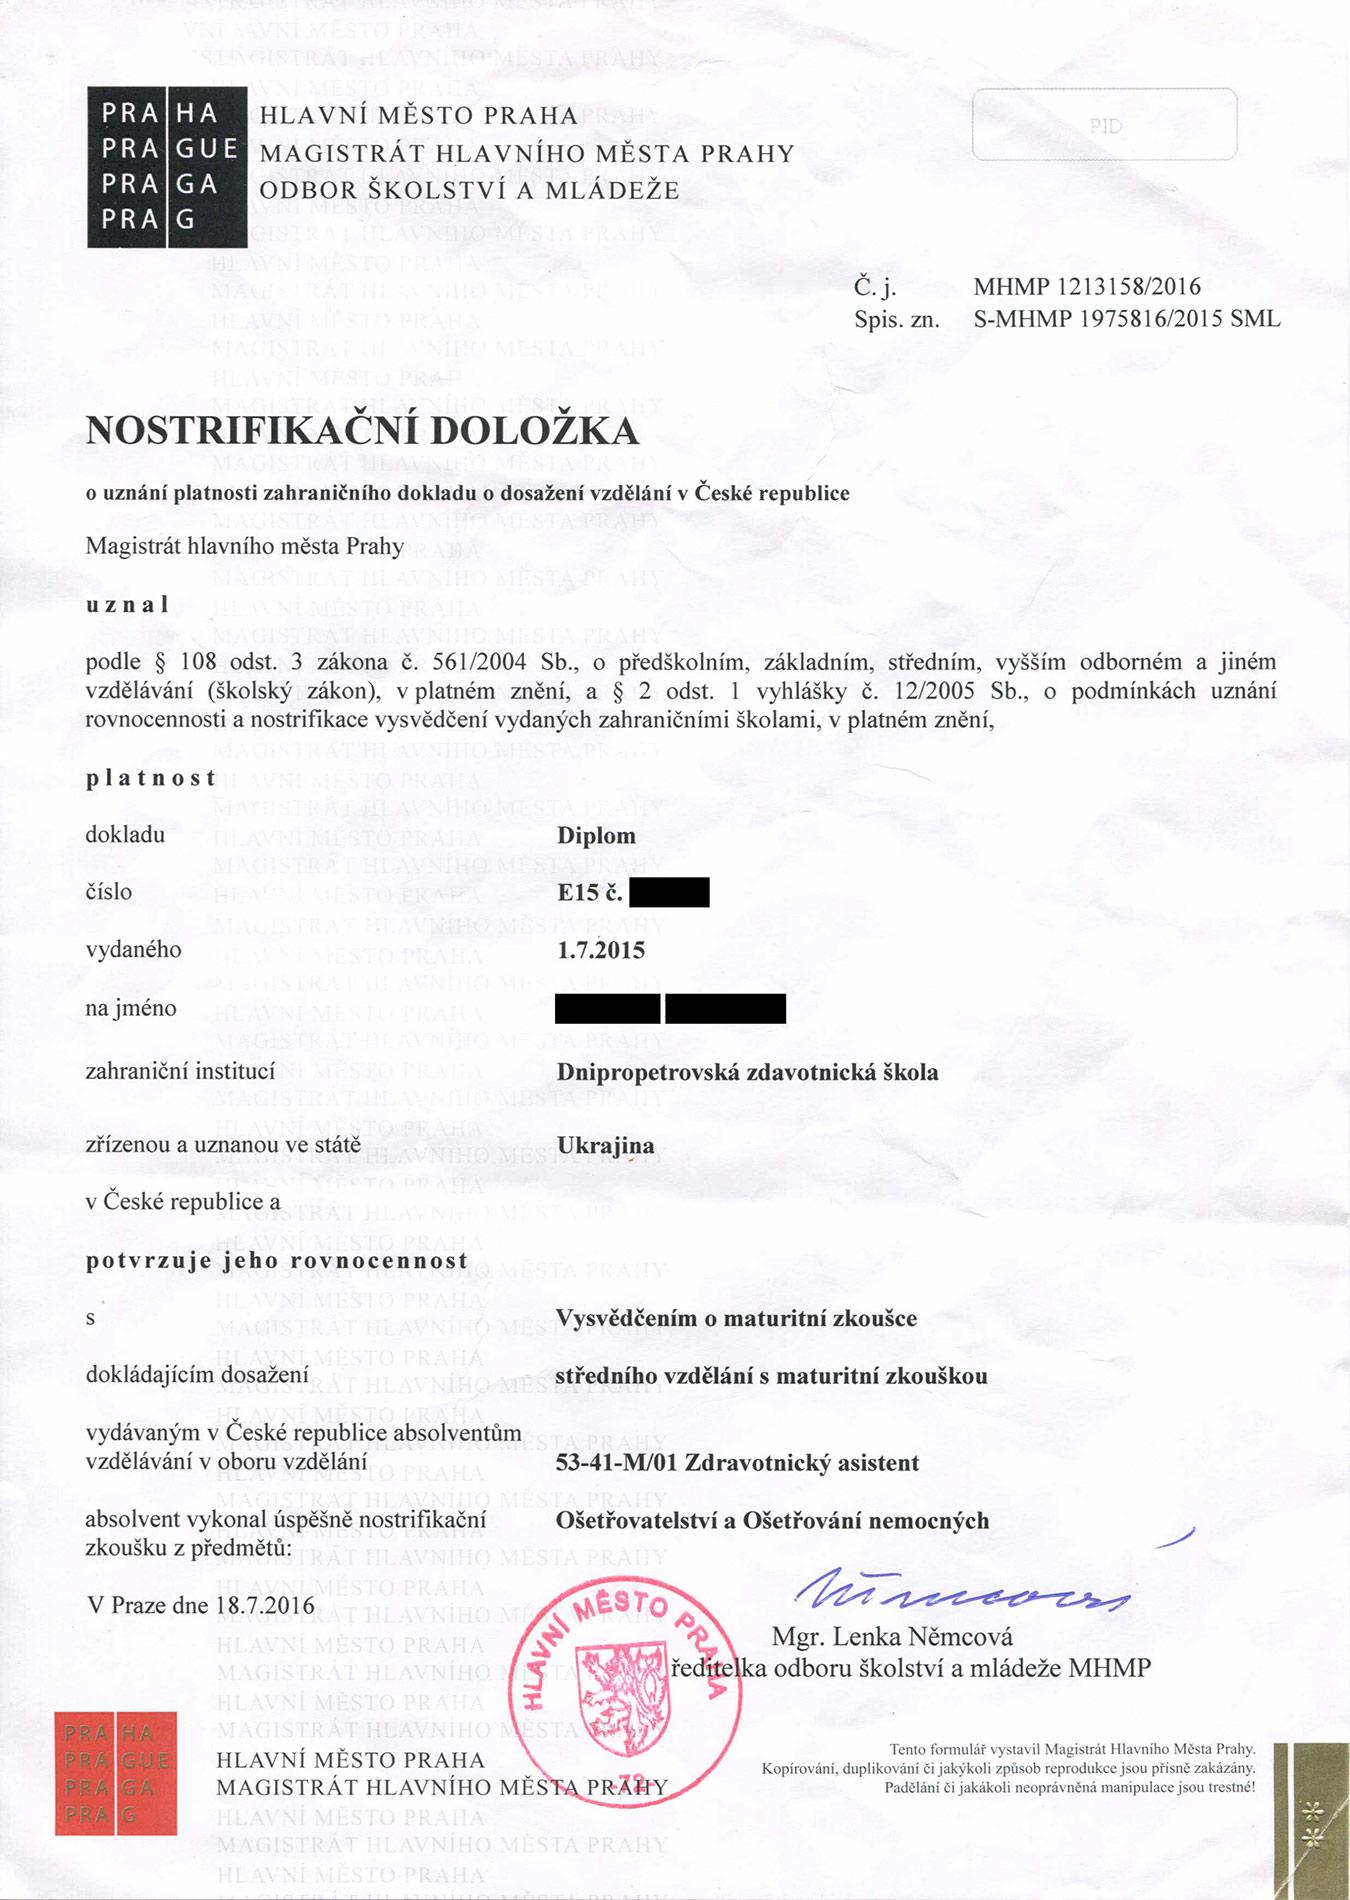 Копии документов, подтверждающих нострификацию, потом нужно брать с собой на вступительные экзамены